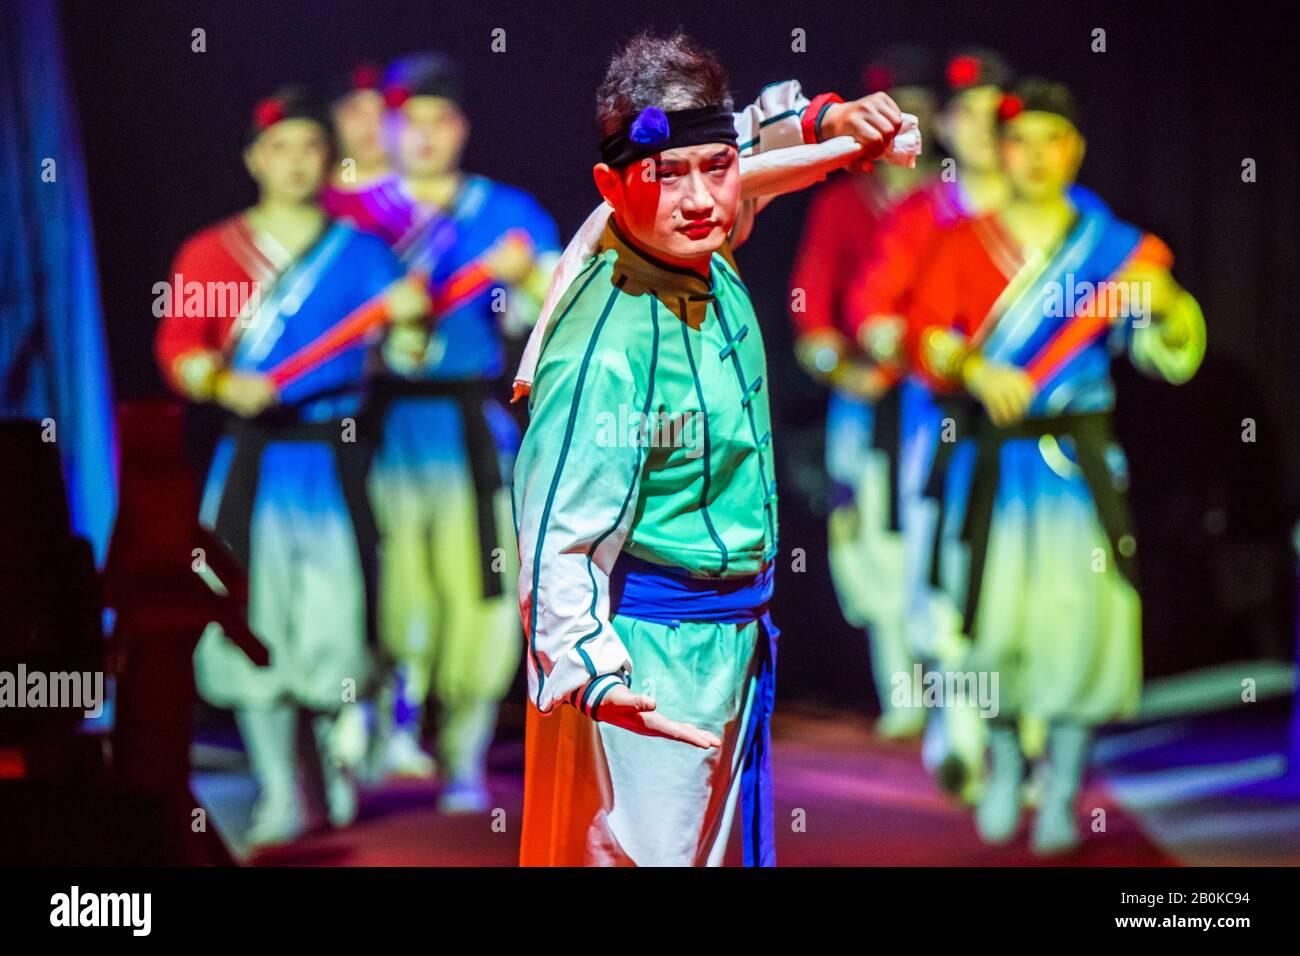 Girona, SPAGNA - 18 FEBBRAIO: La Troupe acrobatica Anhui della Cina si esibisce durante il Festival Internazionale del Circo Elefant d'Or al Parc de la Devesa a febbraio Foto Stock